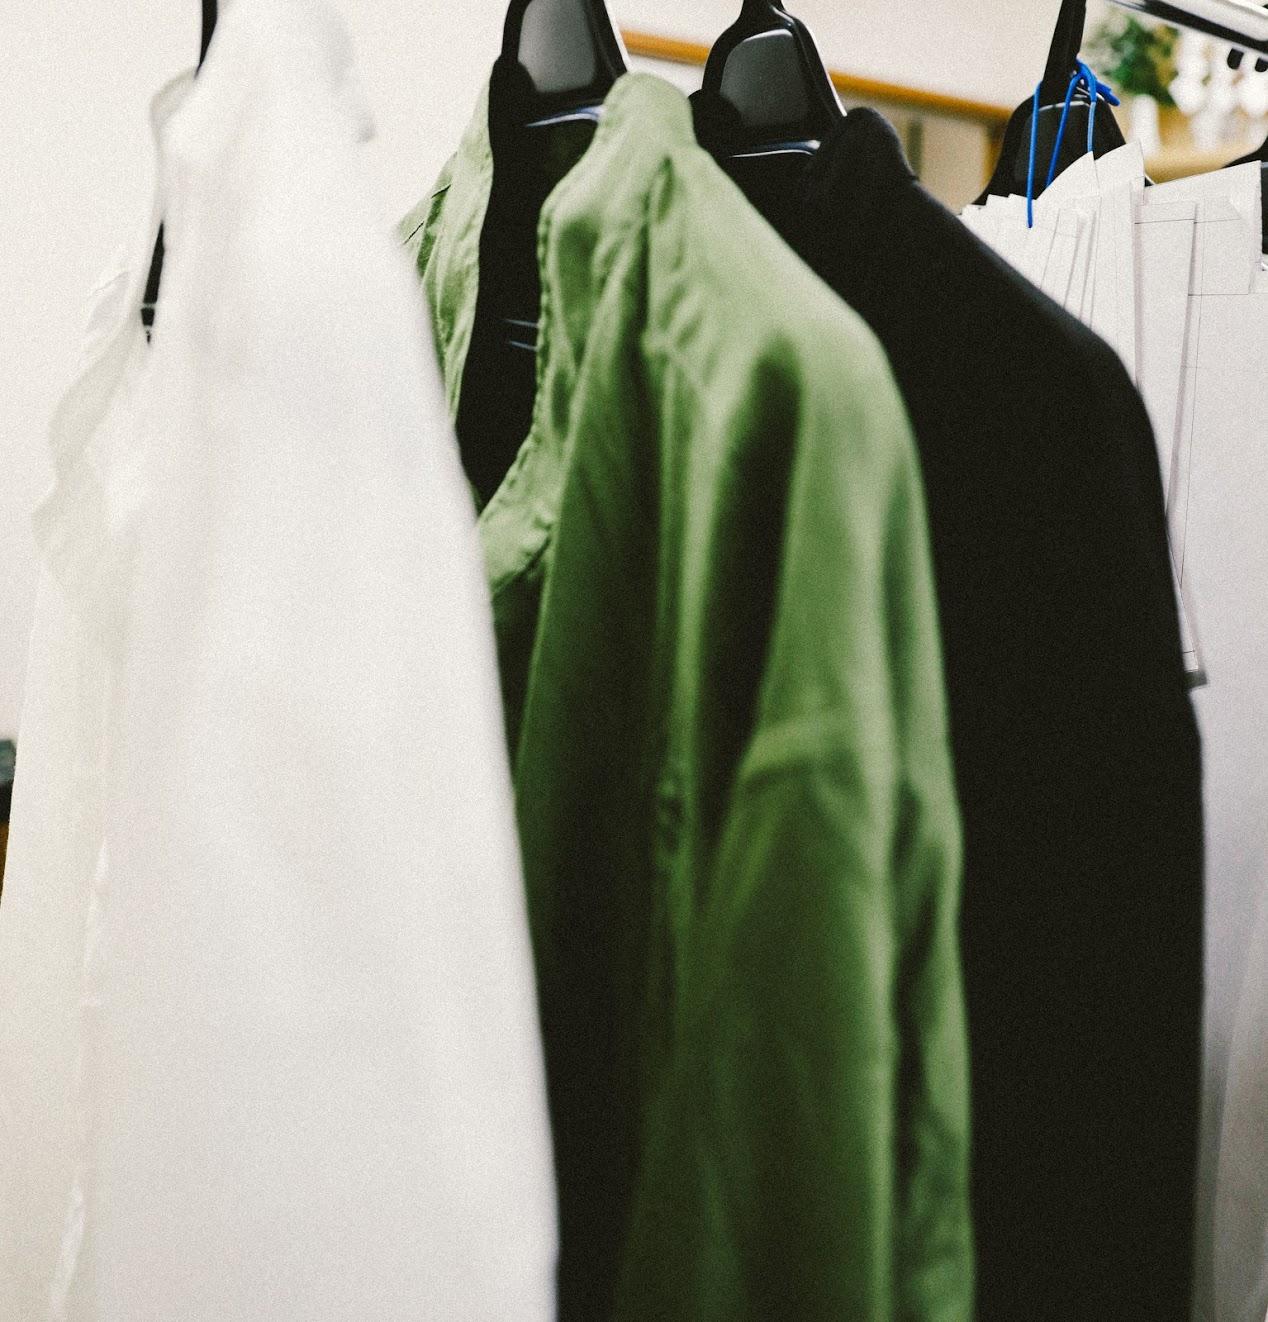 yaunn_shirts